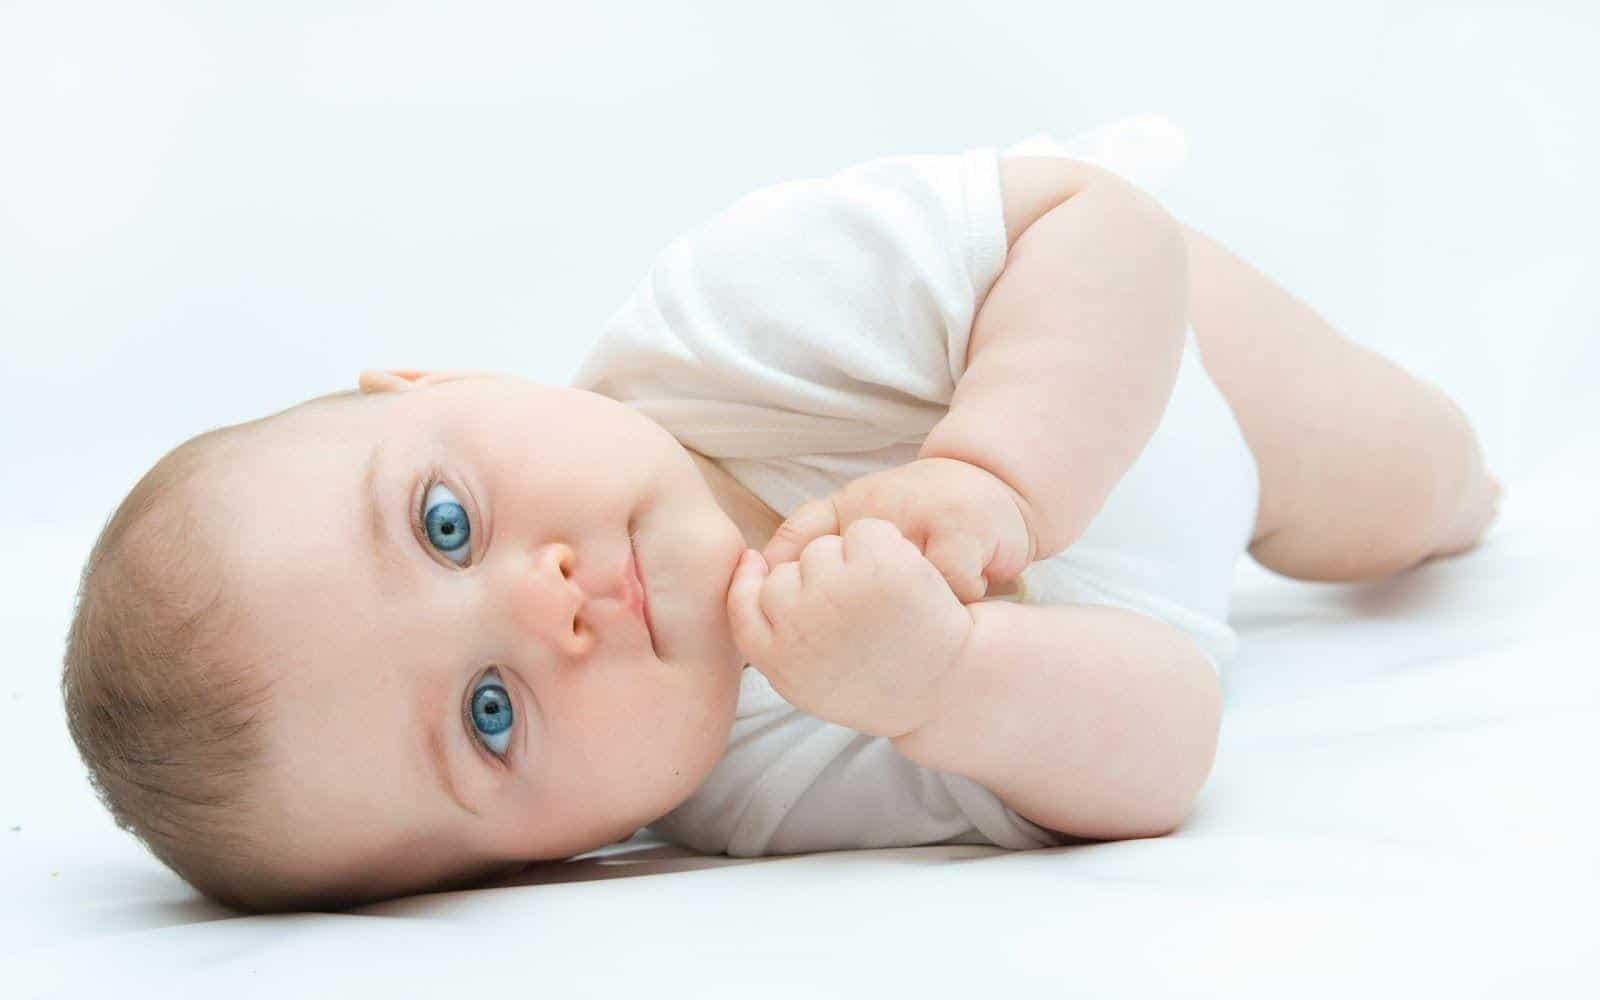 Tüp Bebek Tedavisinde Devlet Katk?s?